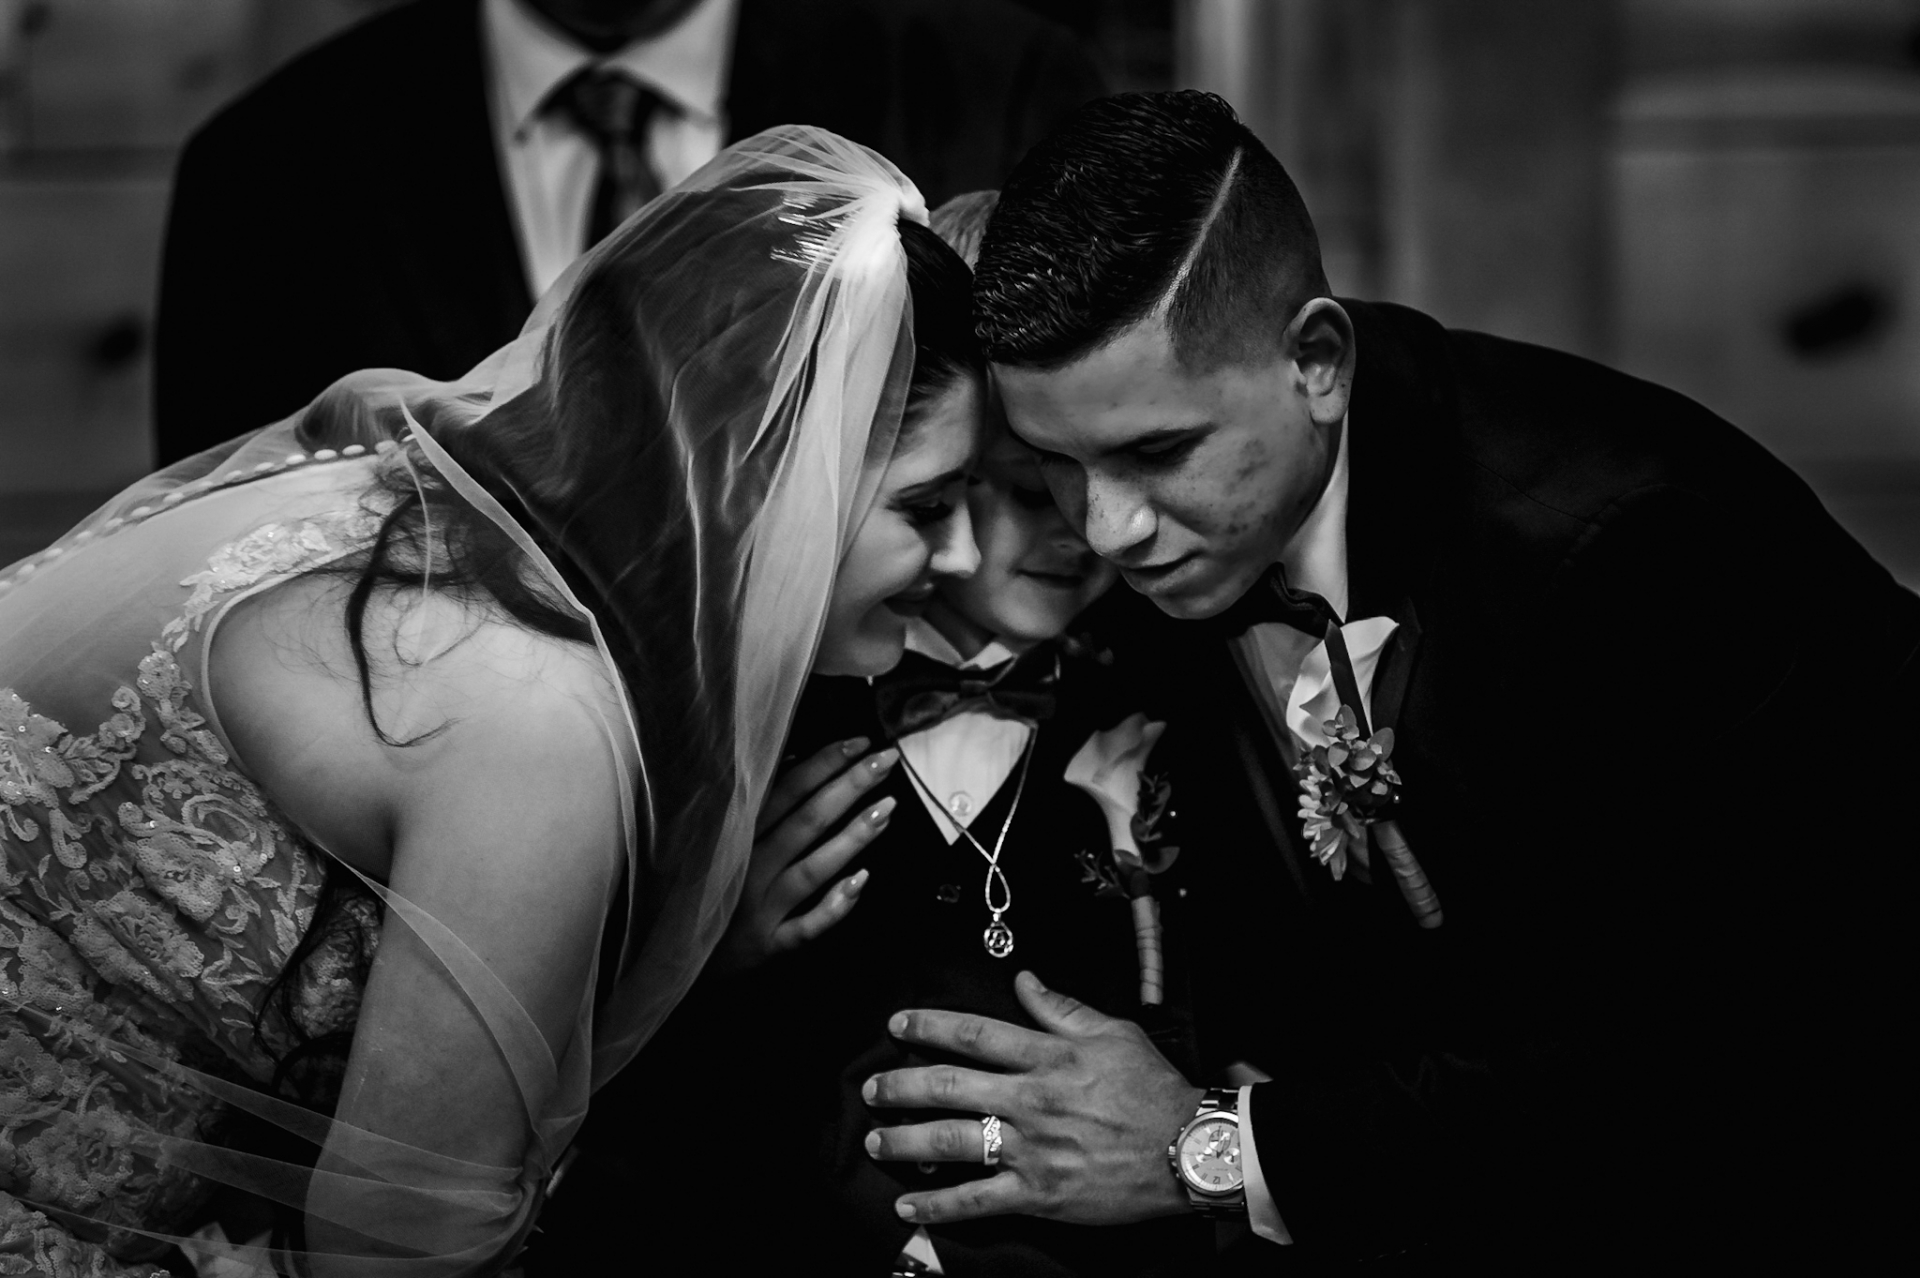 Capilla de bodas de troncos pequeños | Imagen del lugar de Gatlinburg de la pareja abrazando a su hijo